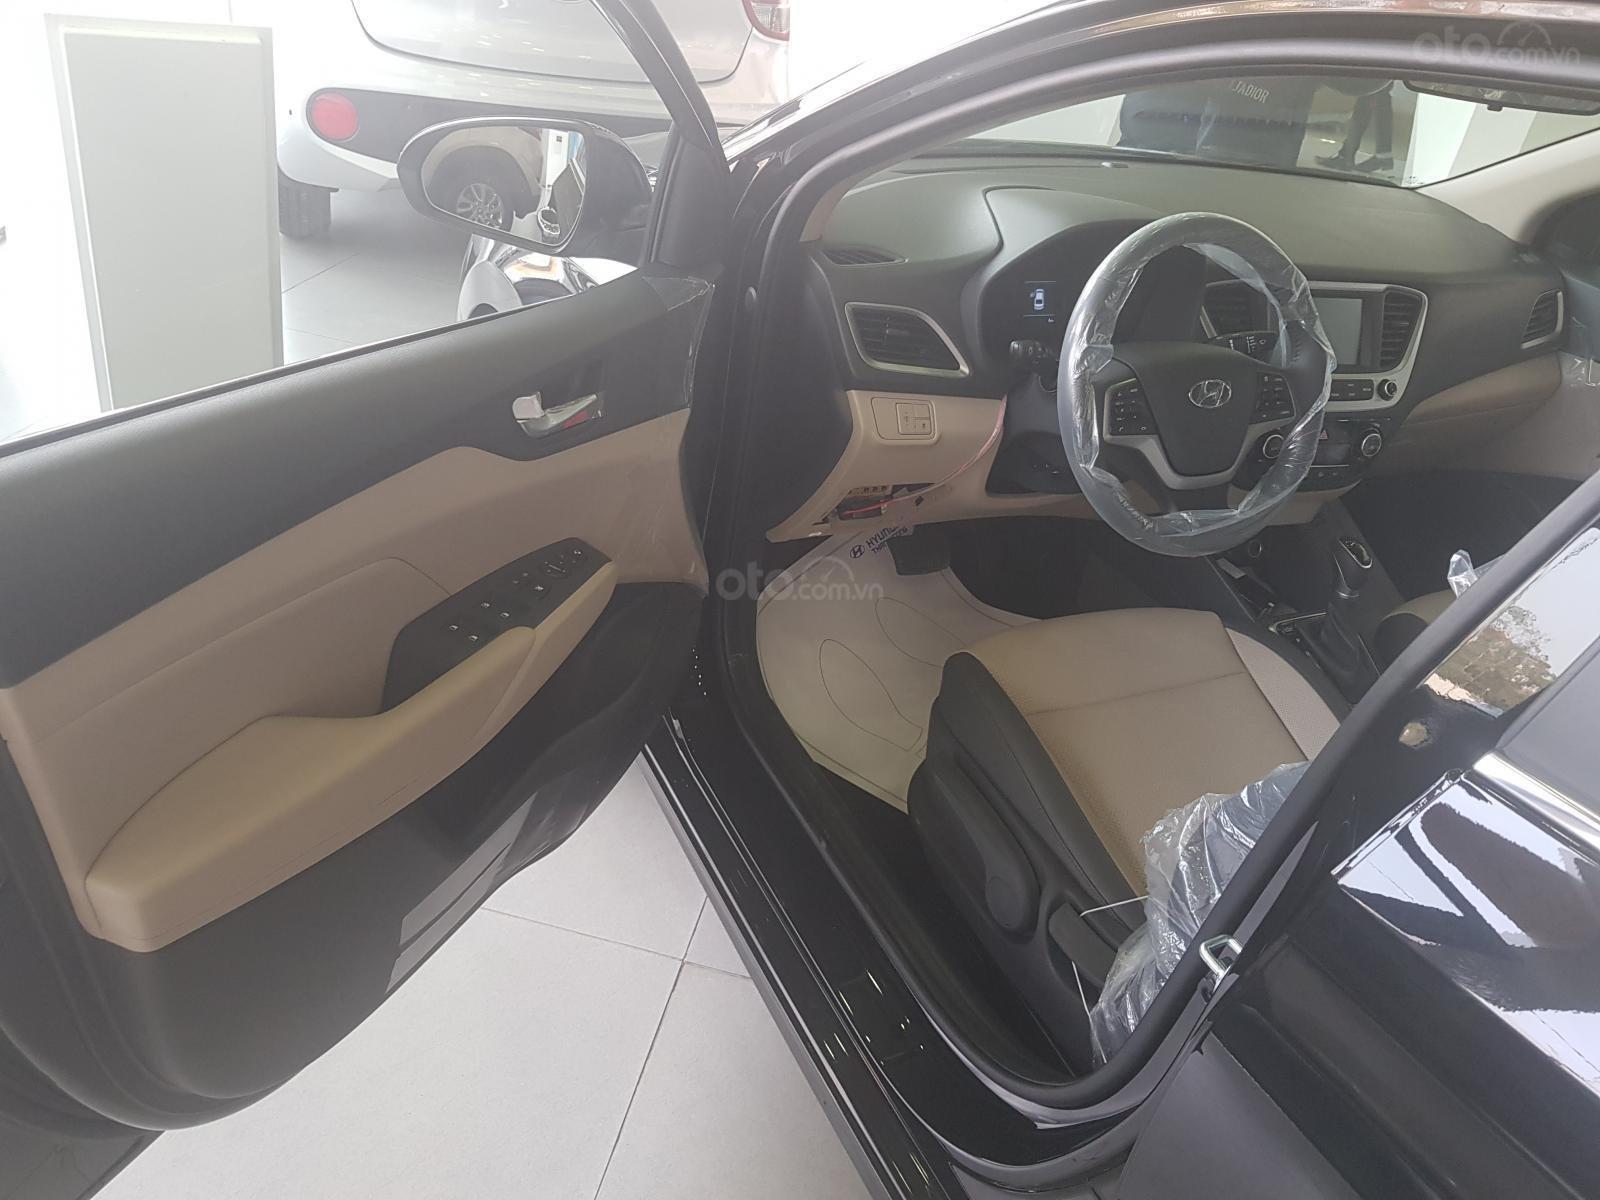 Bán Hyundai Accent 1.4 AT đặc biệt, hỗ trợ trả góp, xe đủ màu giao ngay (4)